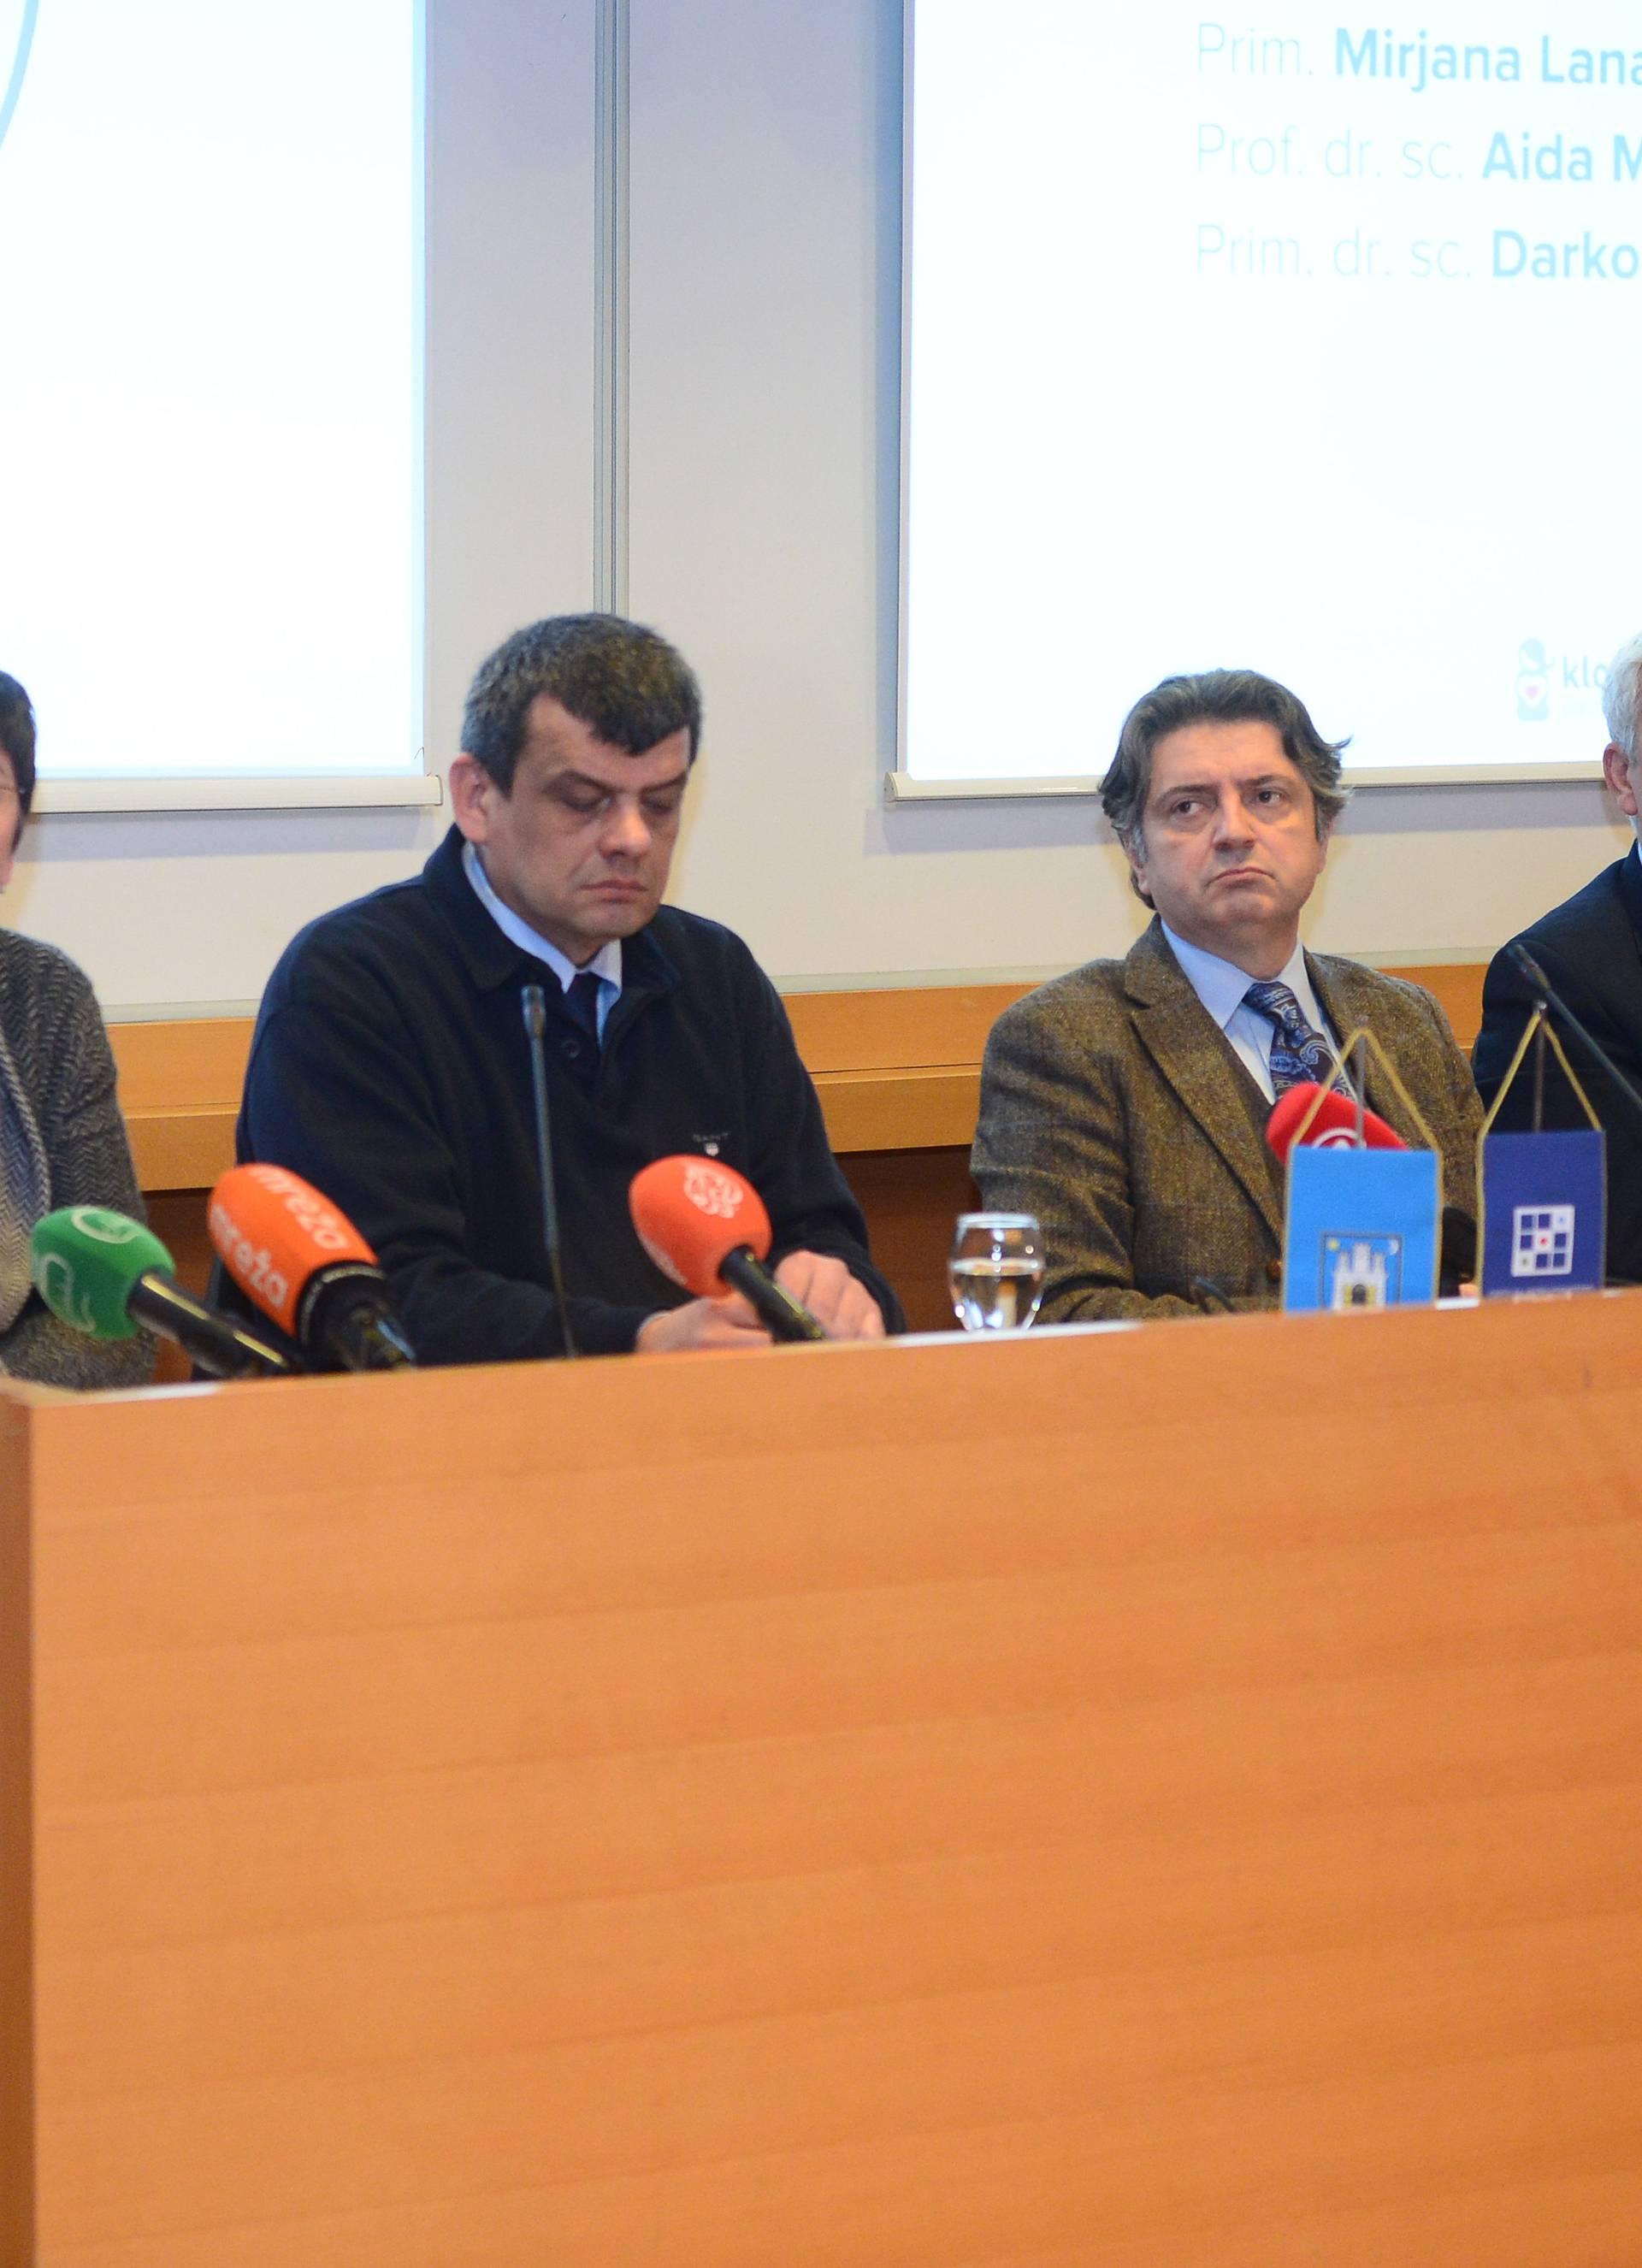 'Hrvatskoj je potrebno obvezno cijepljenje protiv pneumokoka'